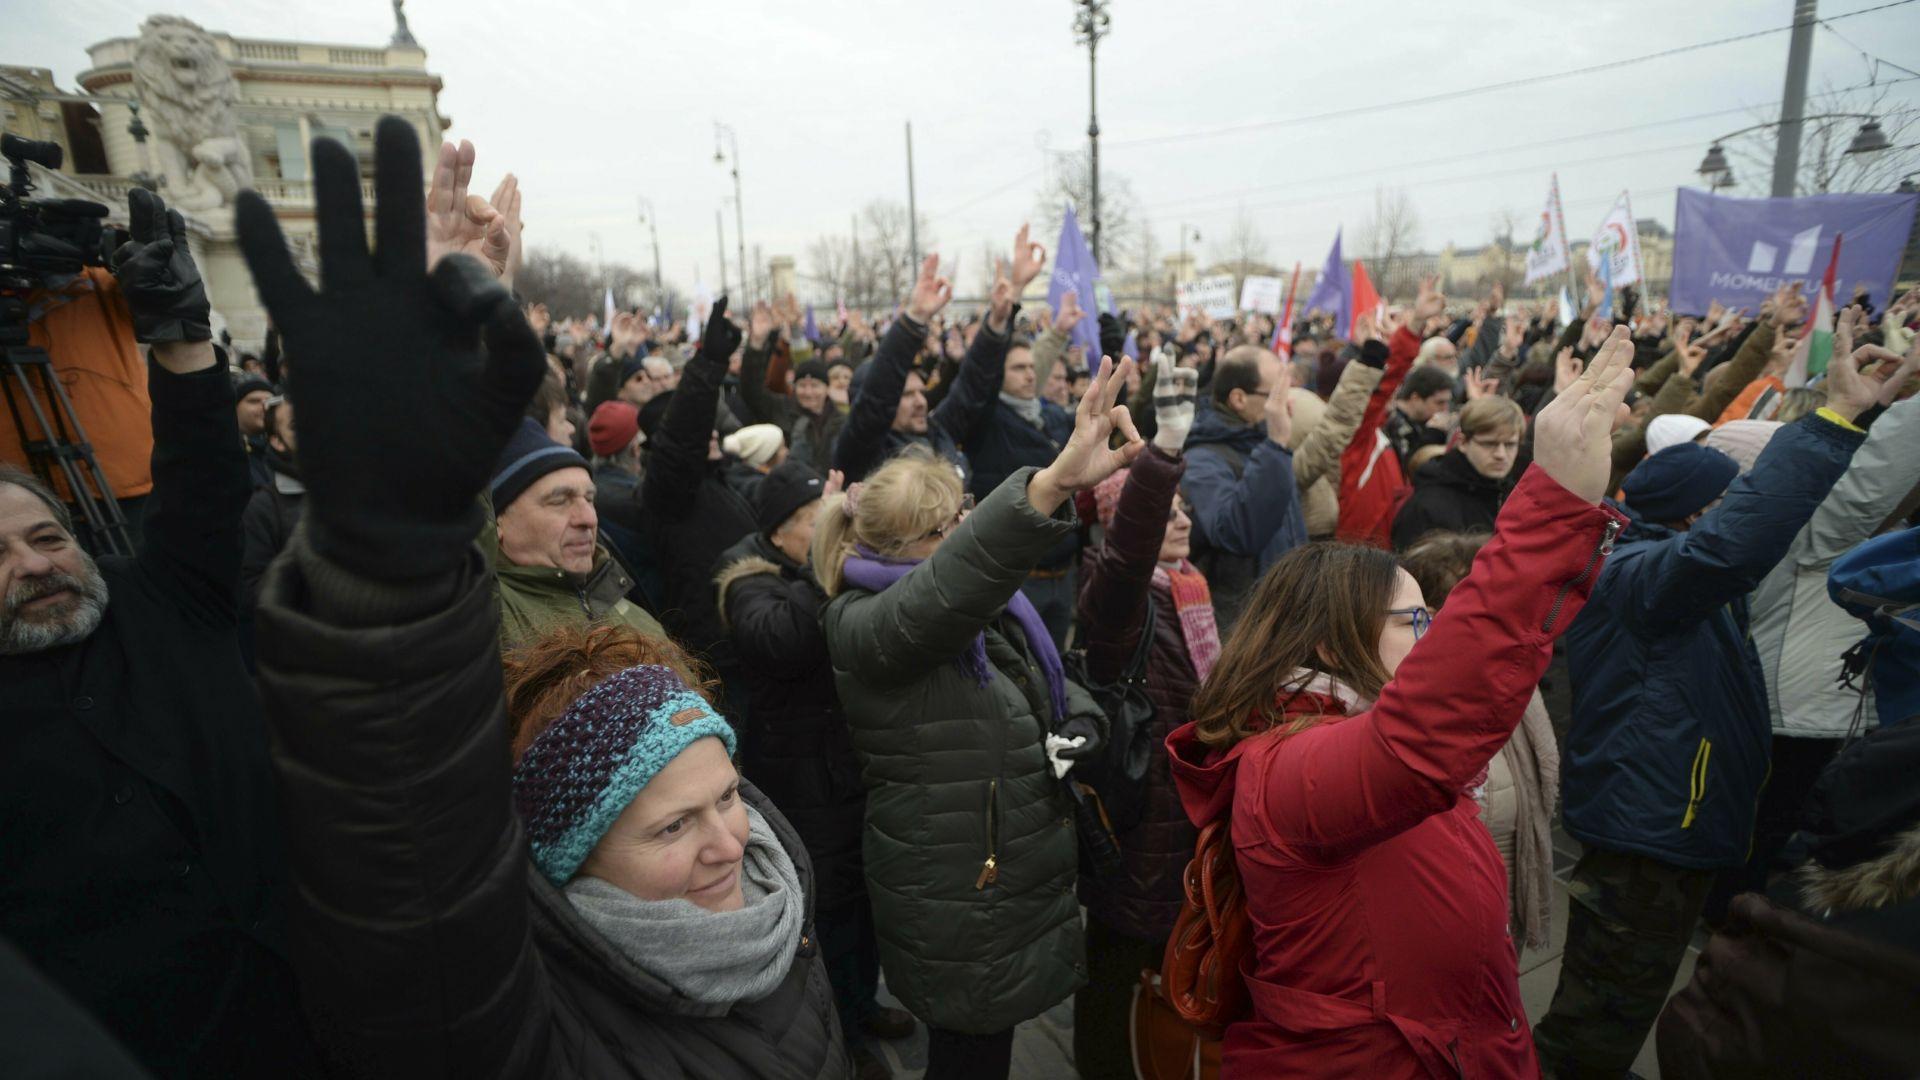 Няколко хиляди души излязоха по улиците в цяла Унгария днес,